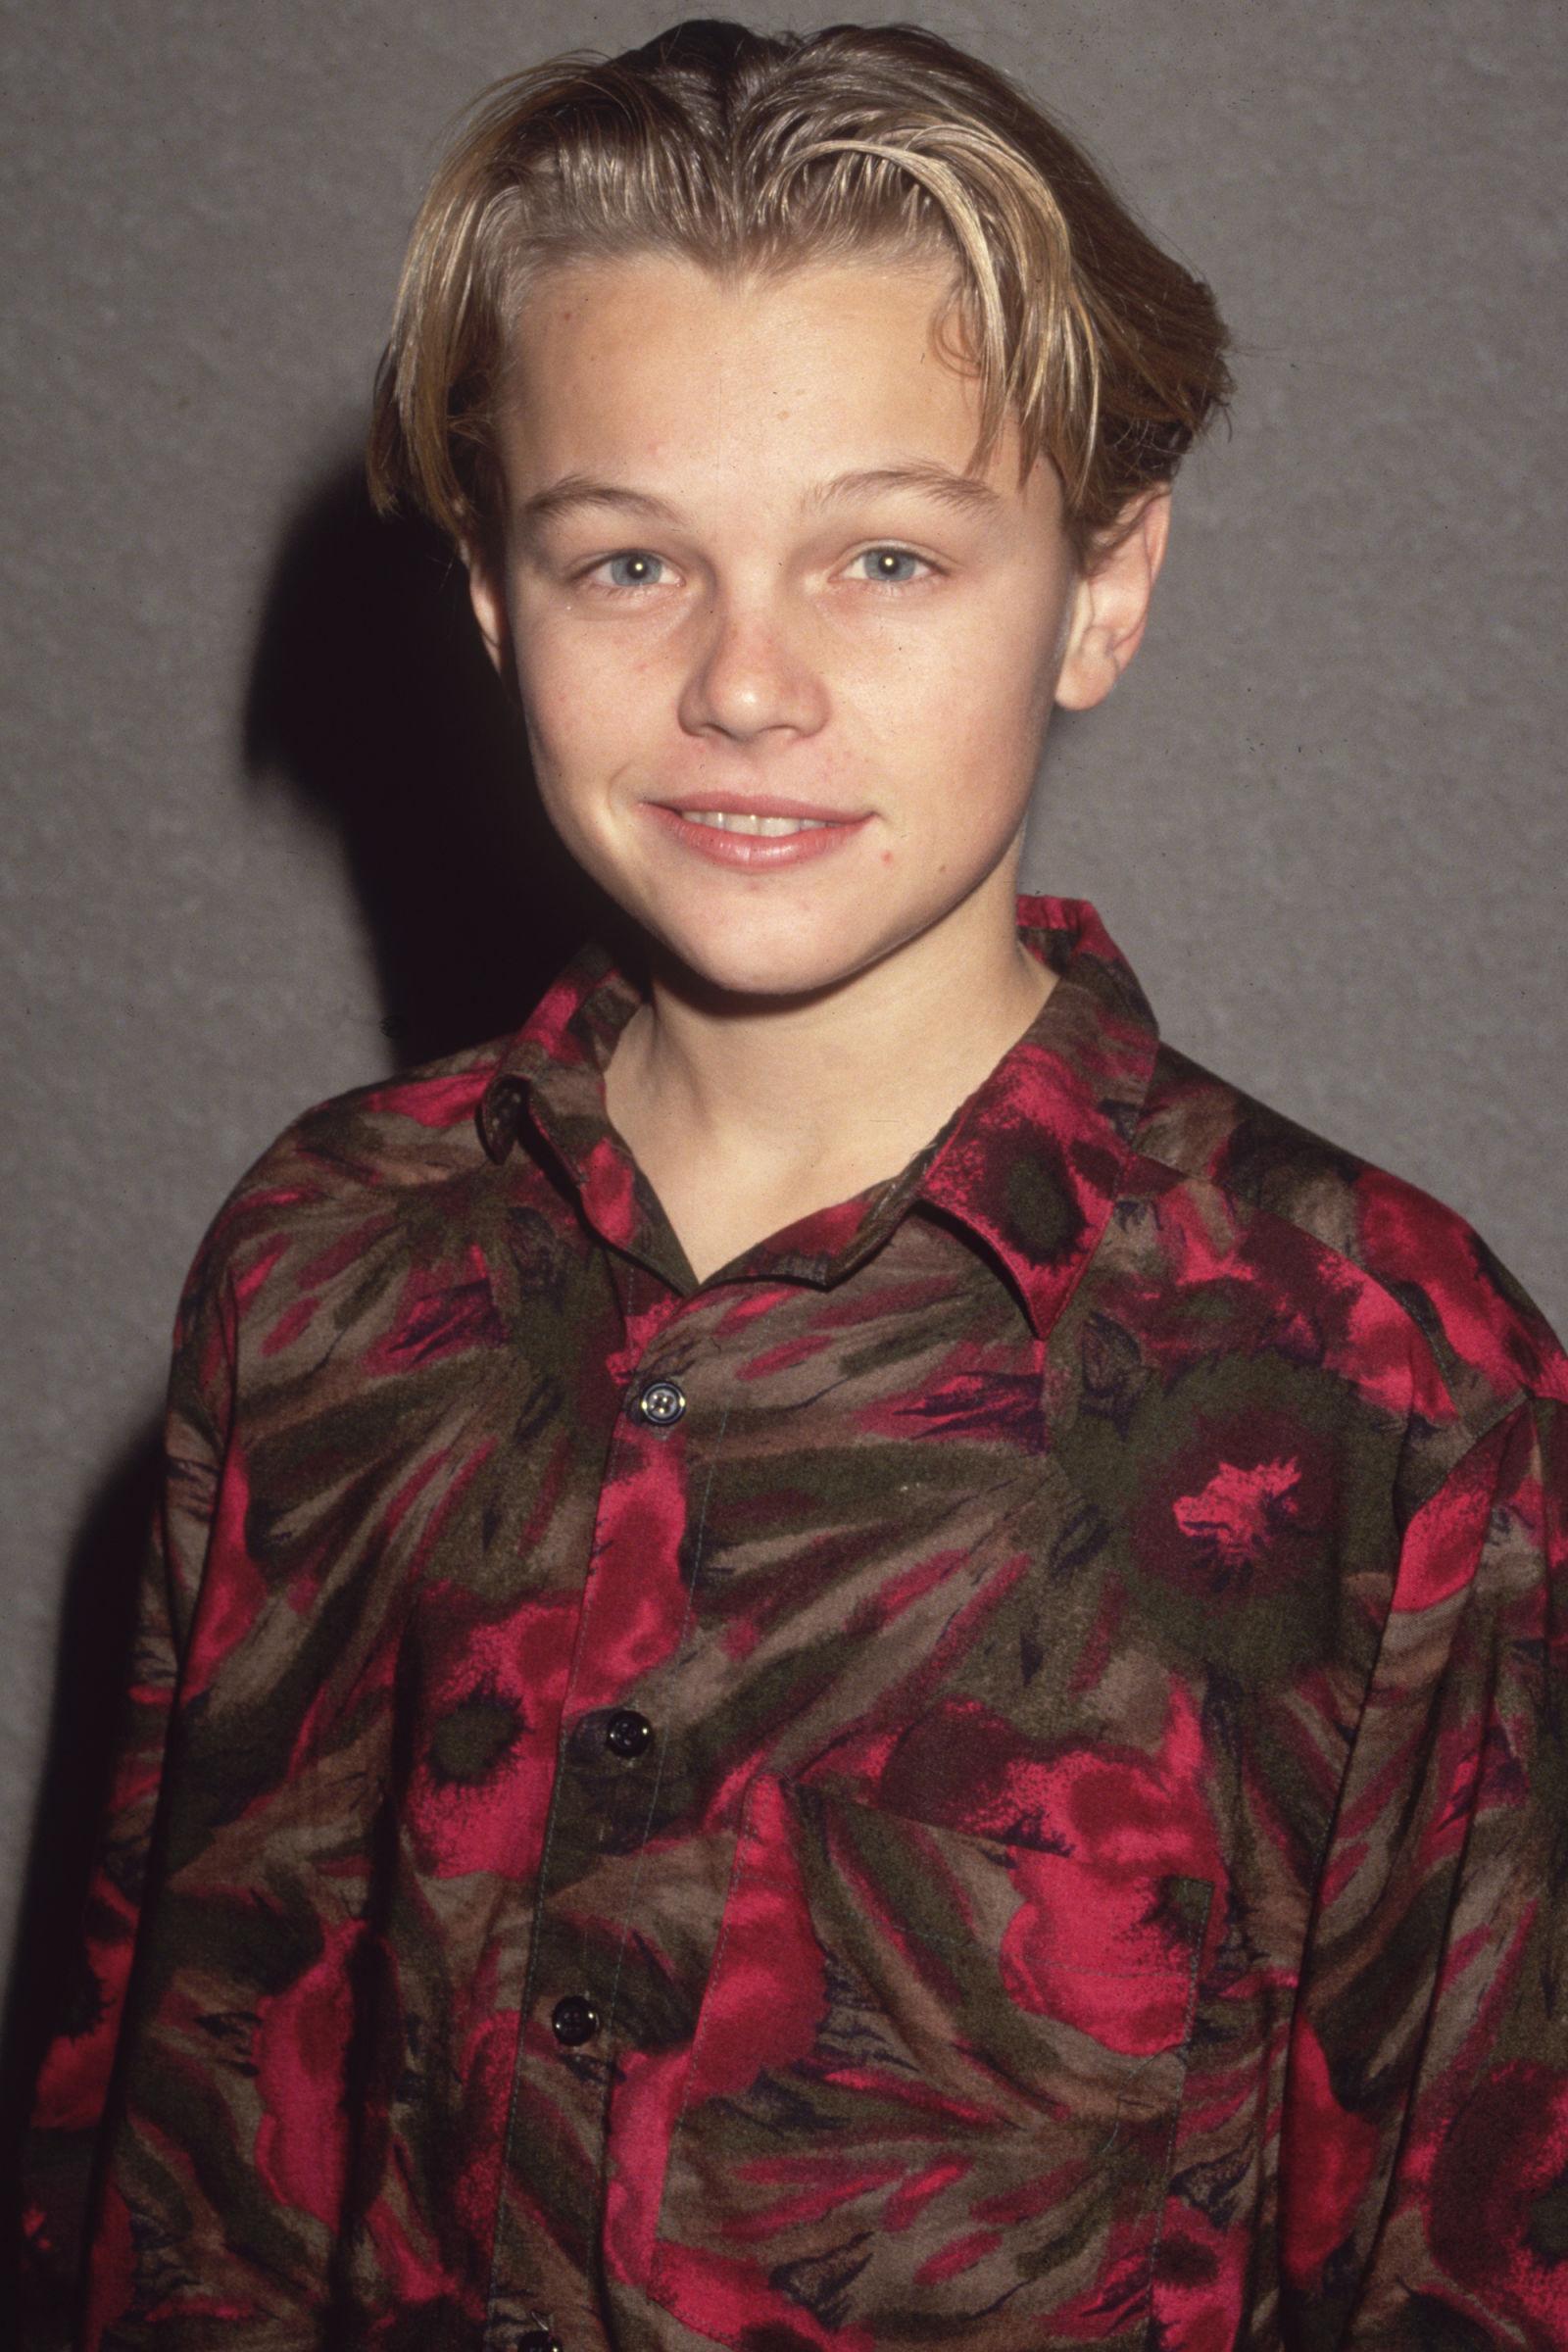 Leonardo diCaprio celebrity hairstyles 1989